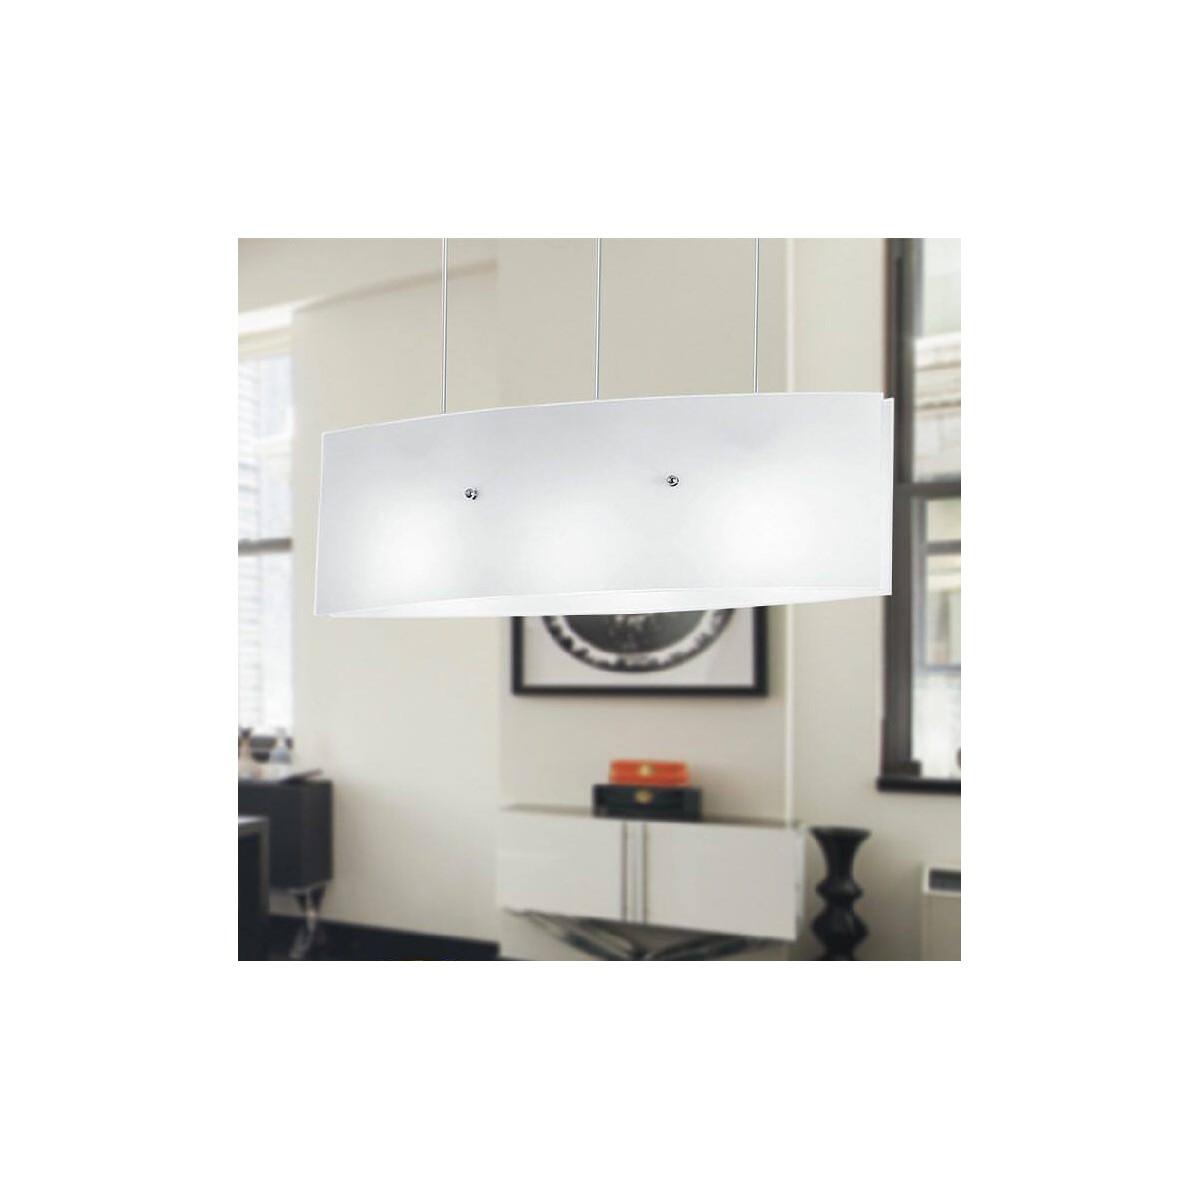 I-AMSTERDAM/S130 - Lampadario a Sospensione Vetro Bianco Interno Moderno E27